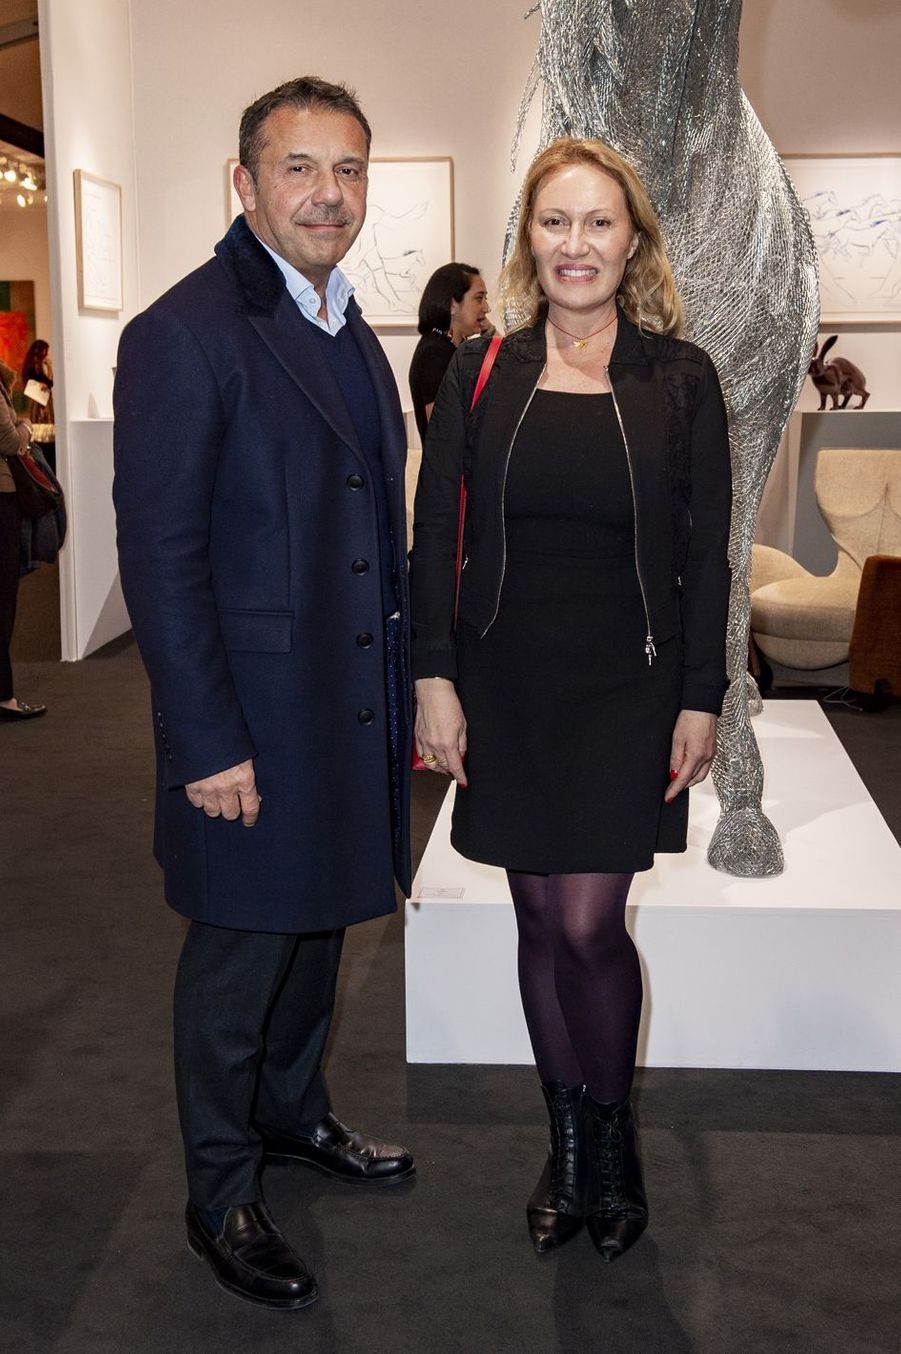 Oliver Widmaier Picasso et sa soeur Diana Widmaier Picasso lors du salon PAD (Paris Art Design) à Paris le 3 avril 2019.